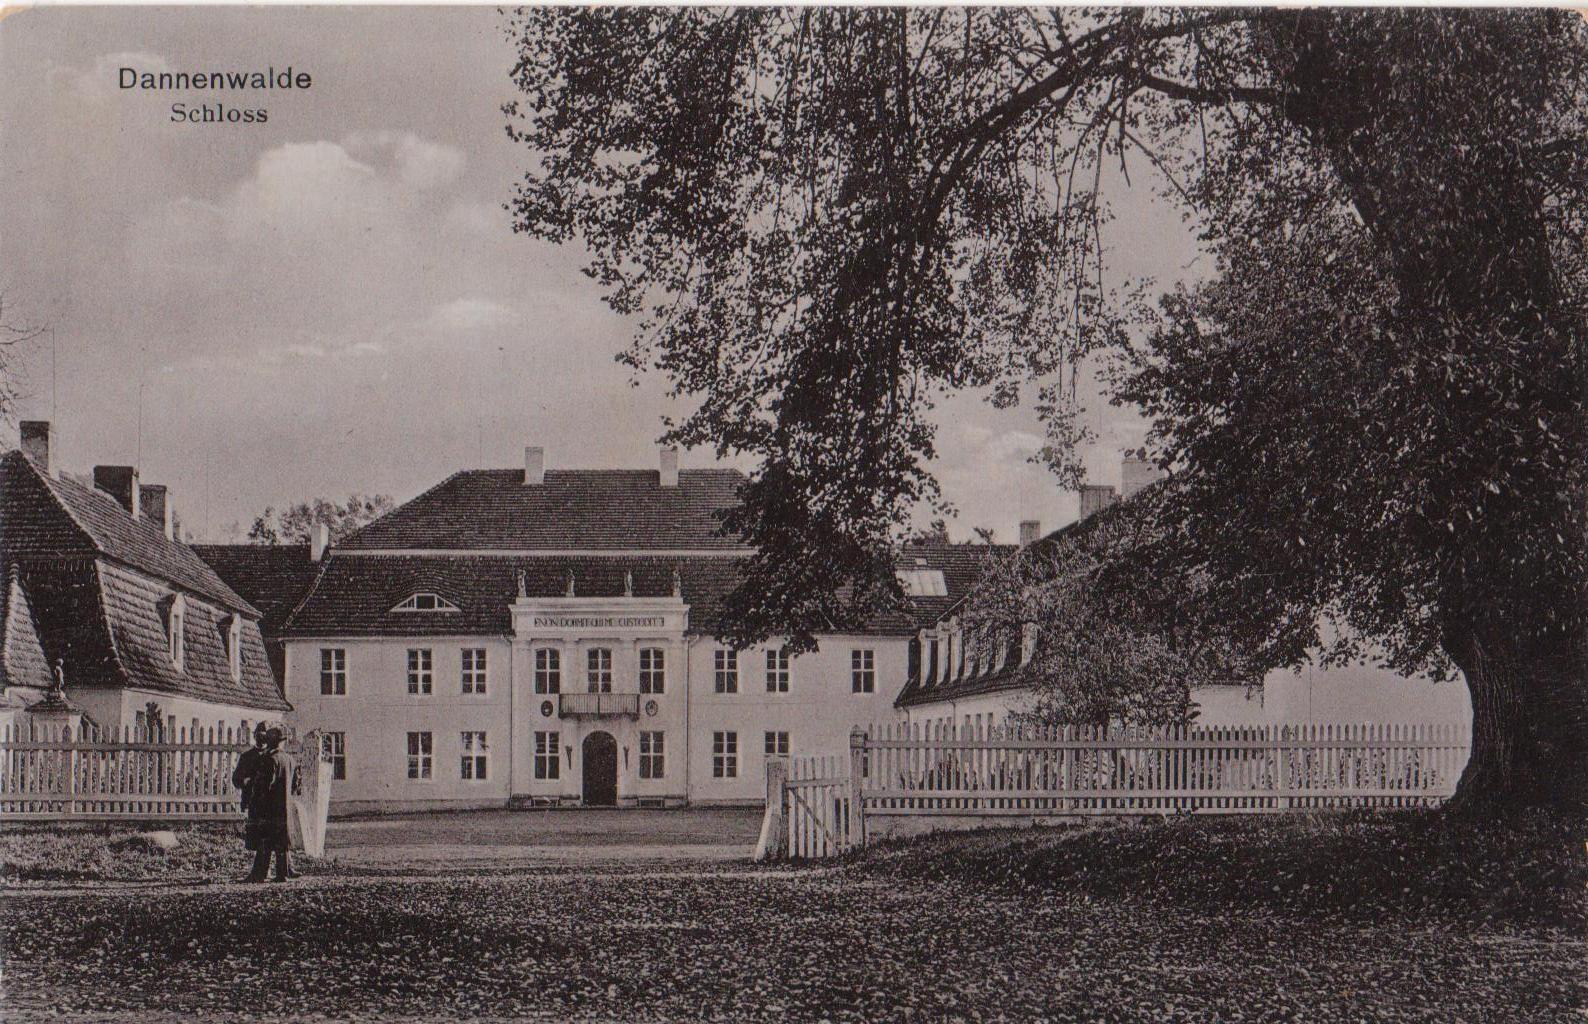 Das Herrenhaus von Dannenwalde, 1940 zum Kreis Stargard gehörend, war ebenfalls Filmkulisse.